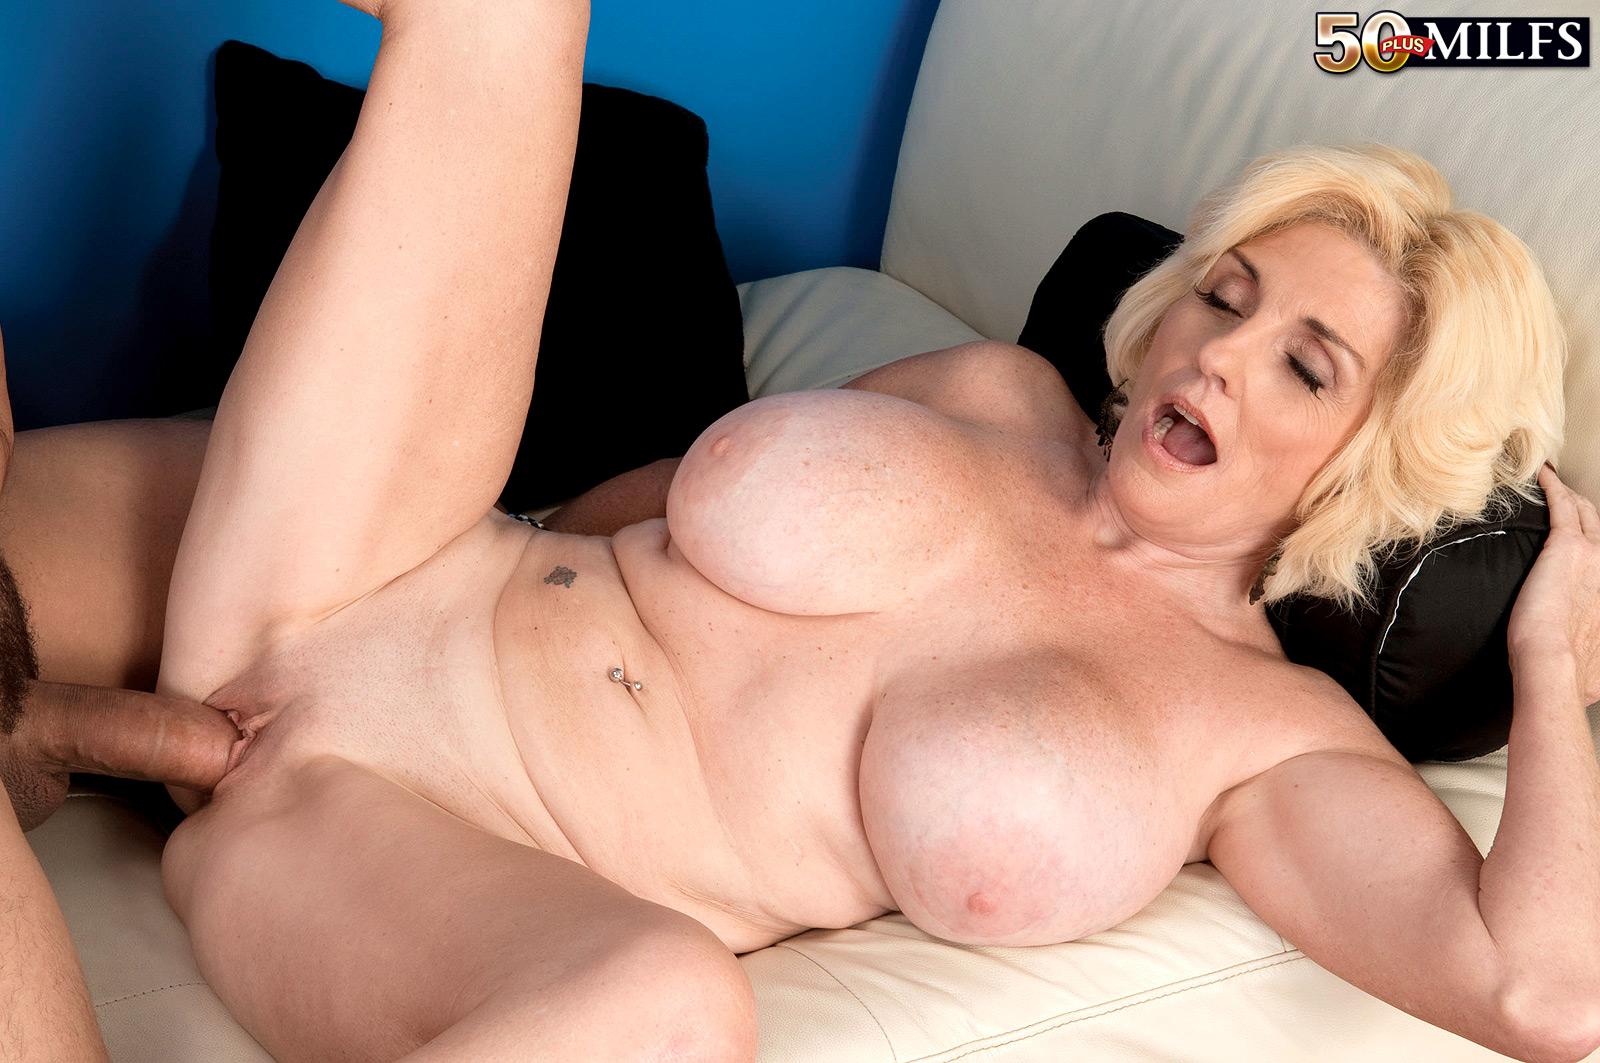 Сисястые тетки в порно, Зрелые женщины с сочными ТеЛаМи и бюстом порно ХД 2 фотография